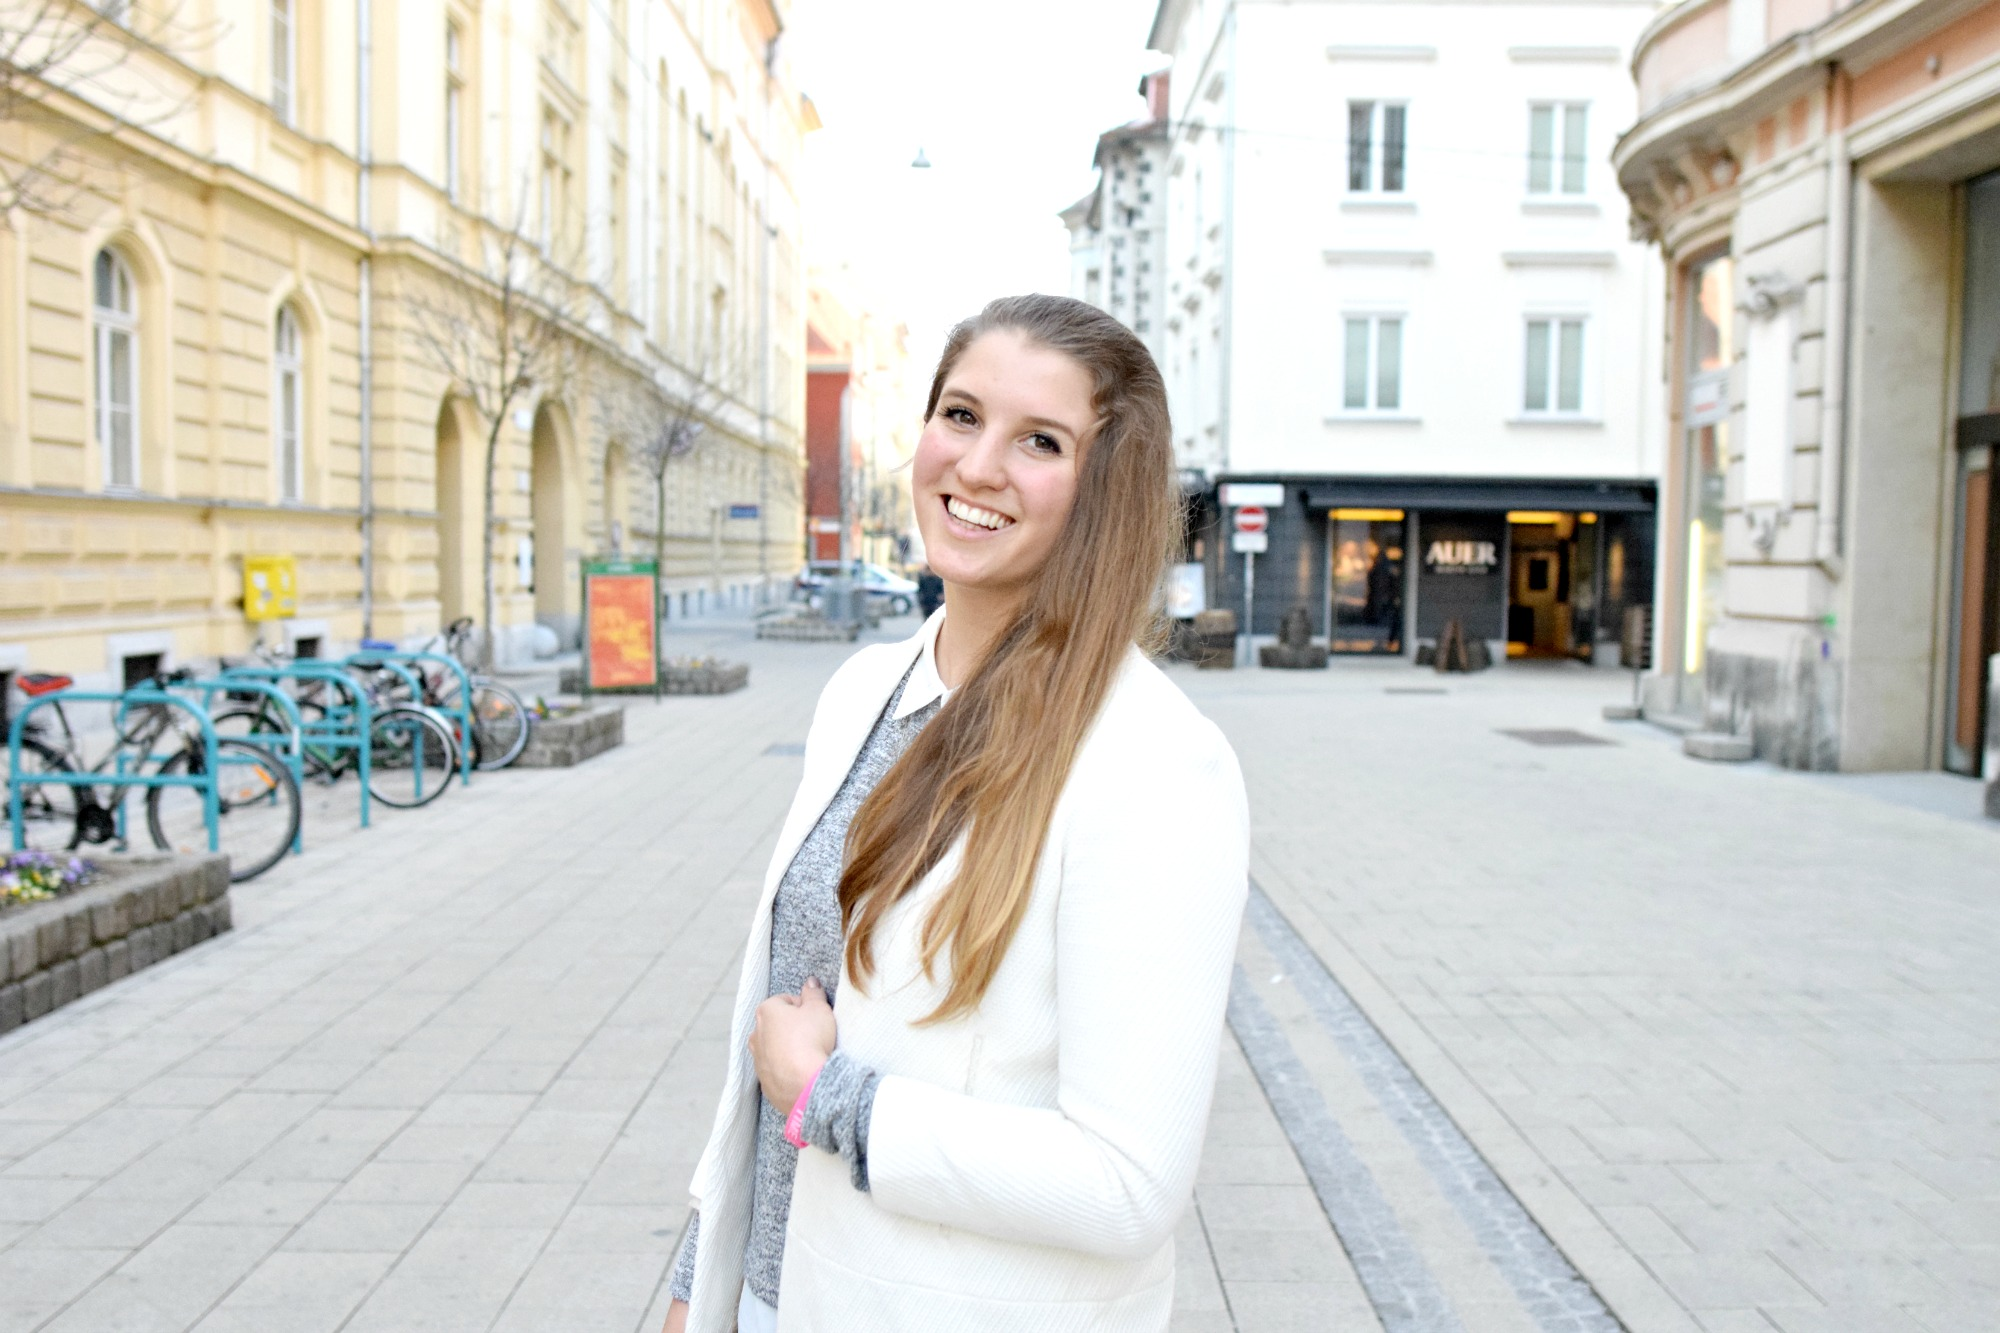 fitnessblog-fashionblog-lifestyleblog-klara-fuchs-blogger-österreich-graz-outfit-gewohnheiten-erfolg-business-girl3